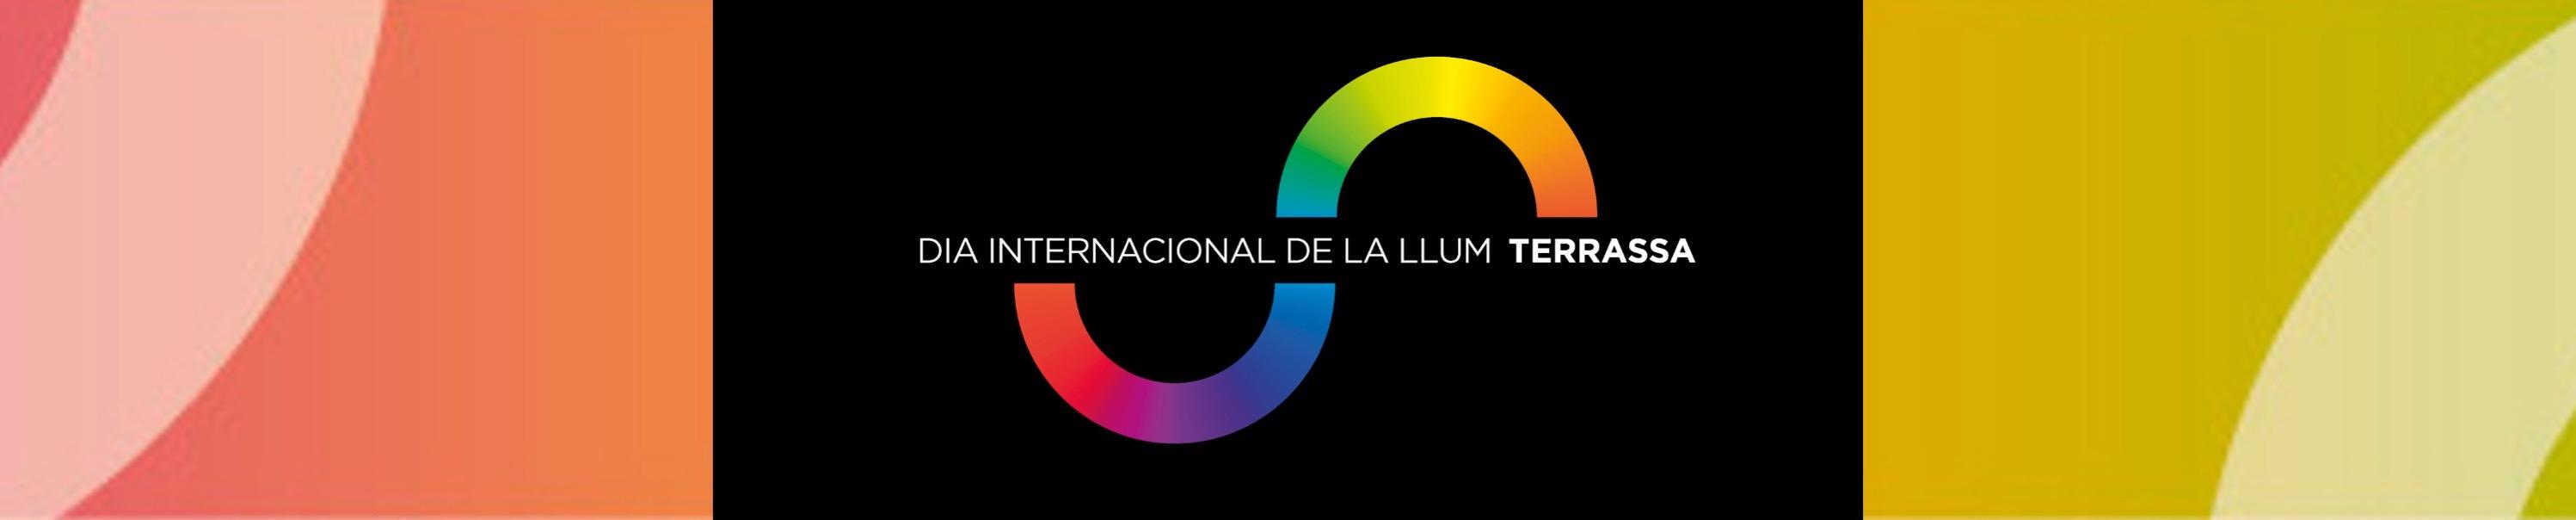 Dia internacional de la llum 2021 carrusel